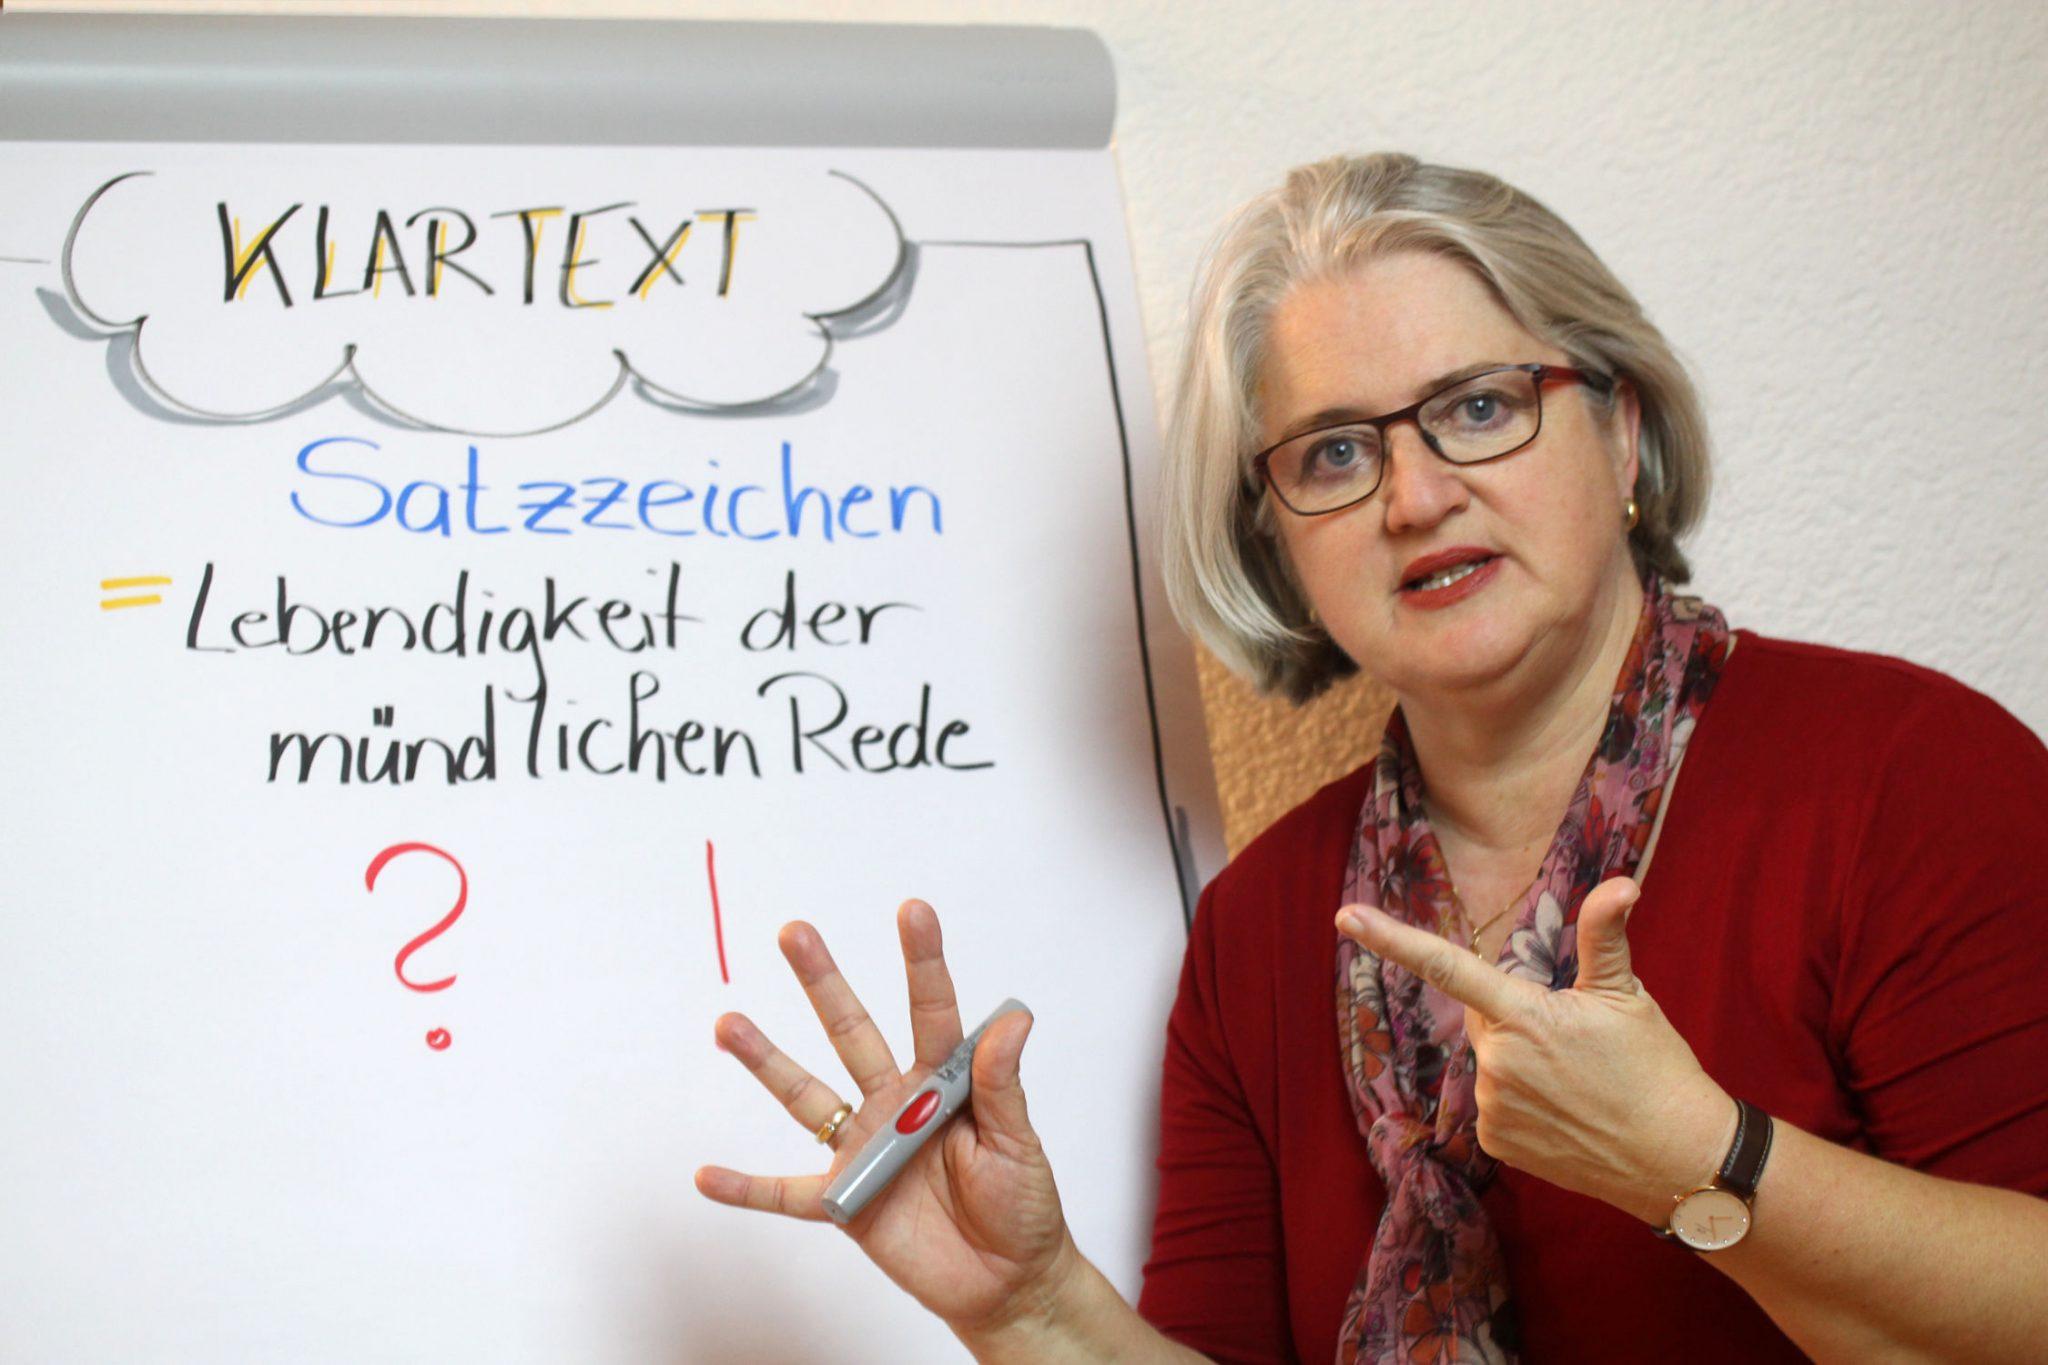 Foto: M. Seubert während ihres Schreibworkshops Klartext